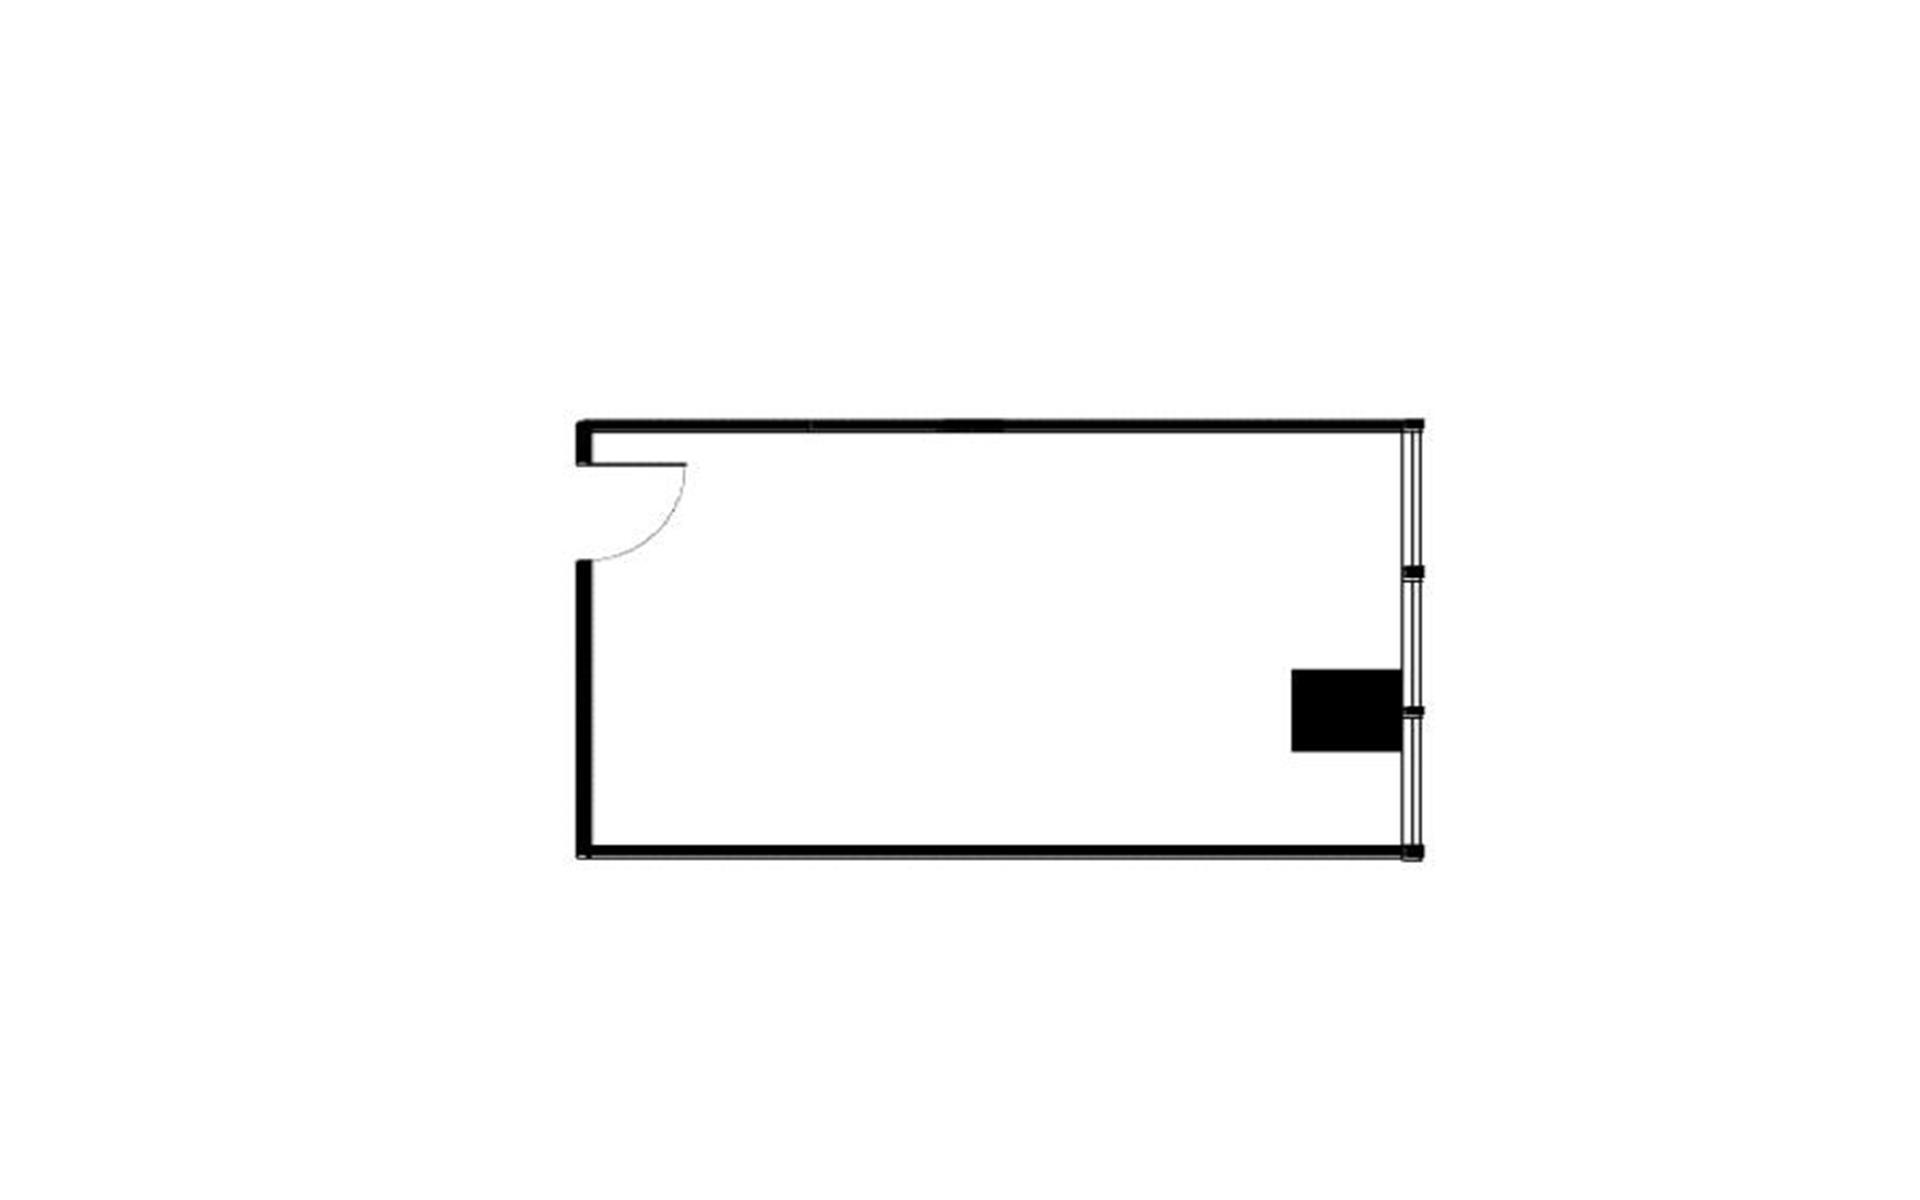 Boxer - Pavilion Towers - Team Space | Suite 1-0712